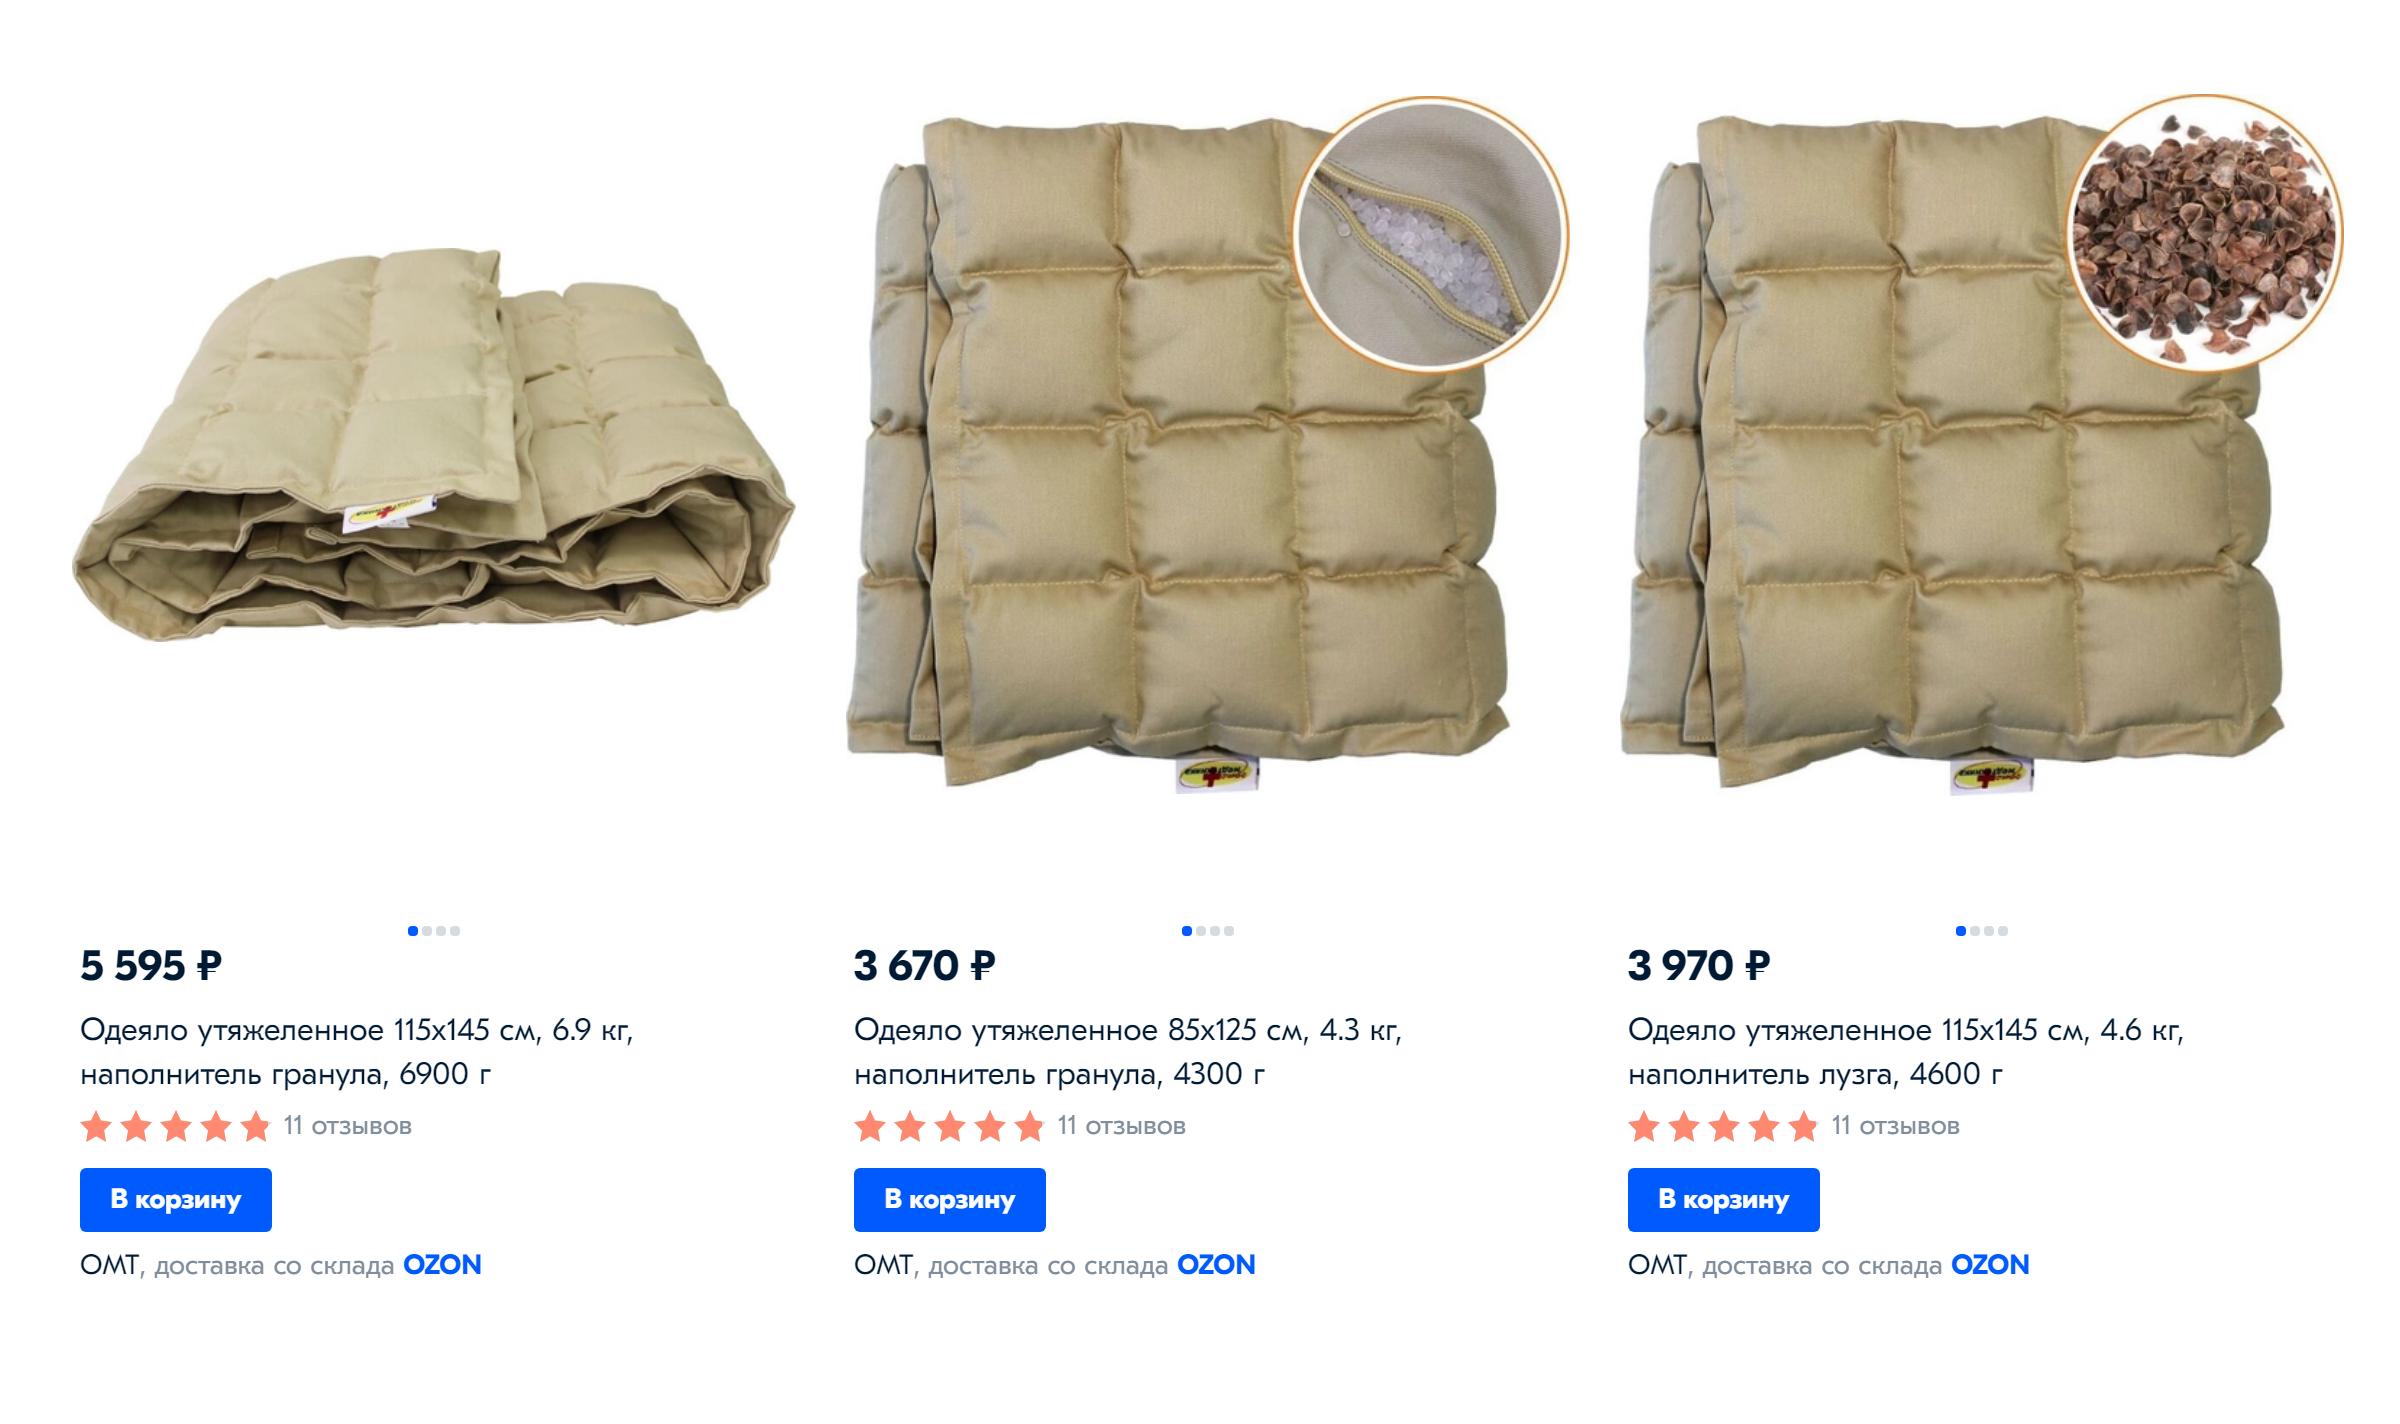 Цены на утяжеленные одеяла на «Озоне» — от 3670<span class=ruble>Р</span> и выше. Бывают искусственные и натуральные наполнители